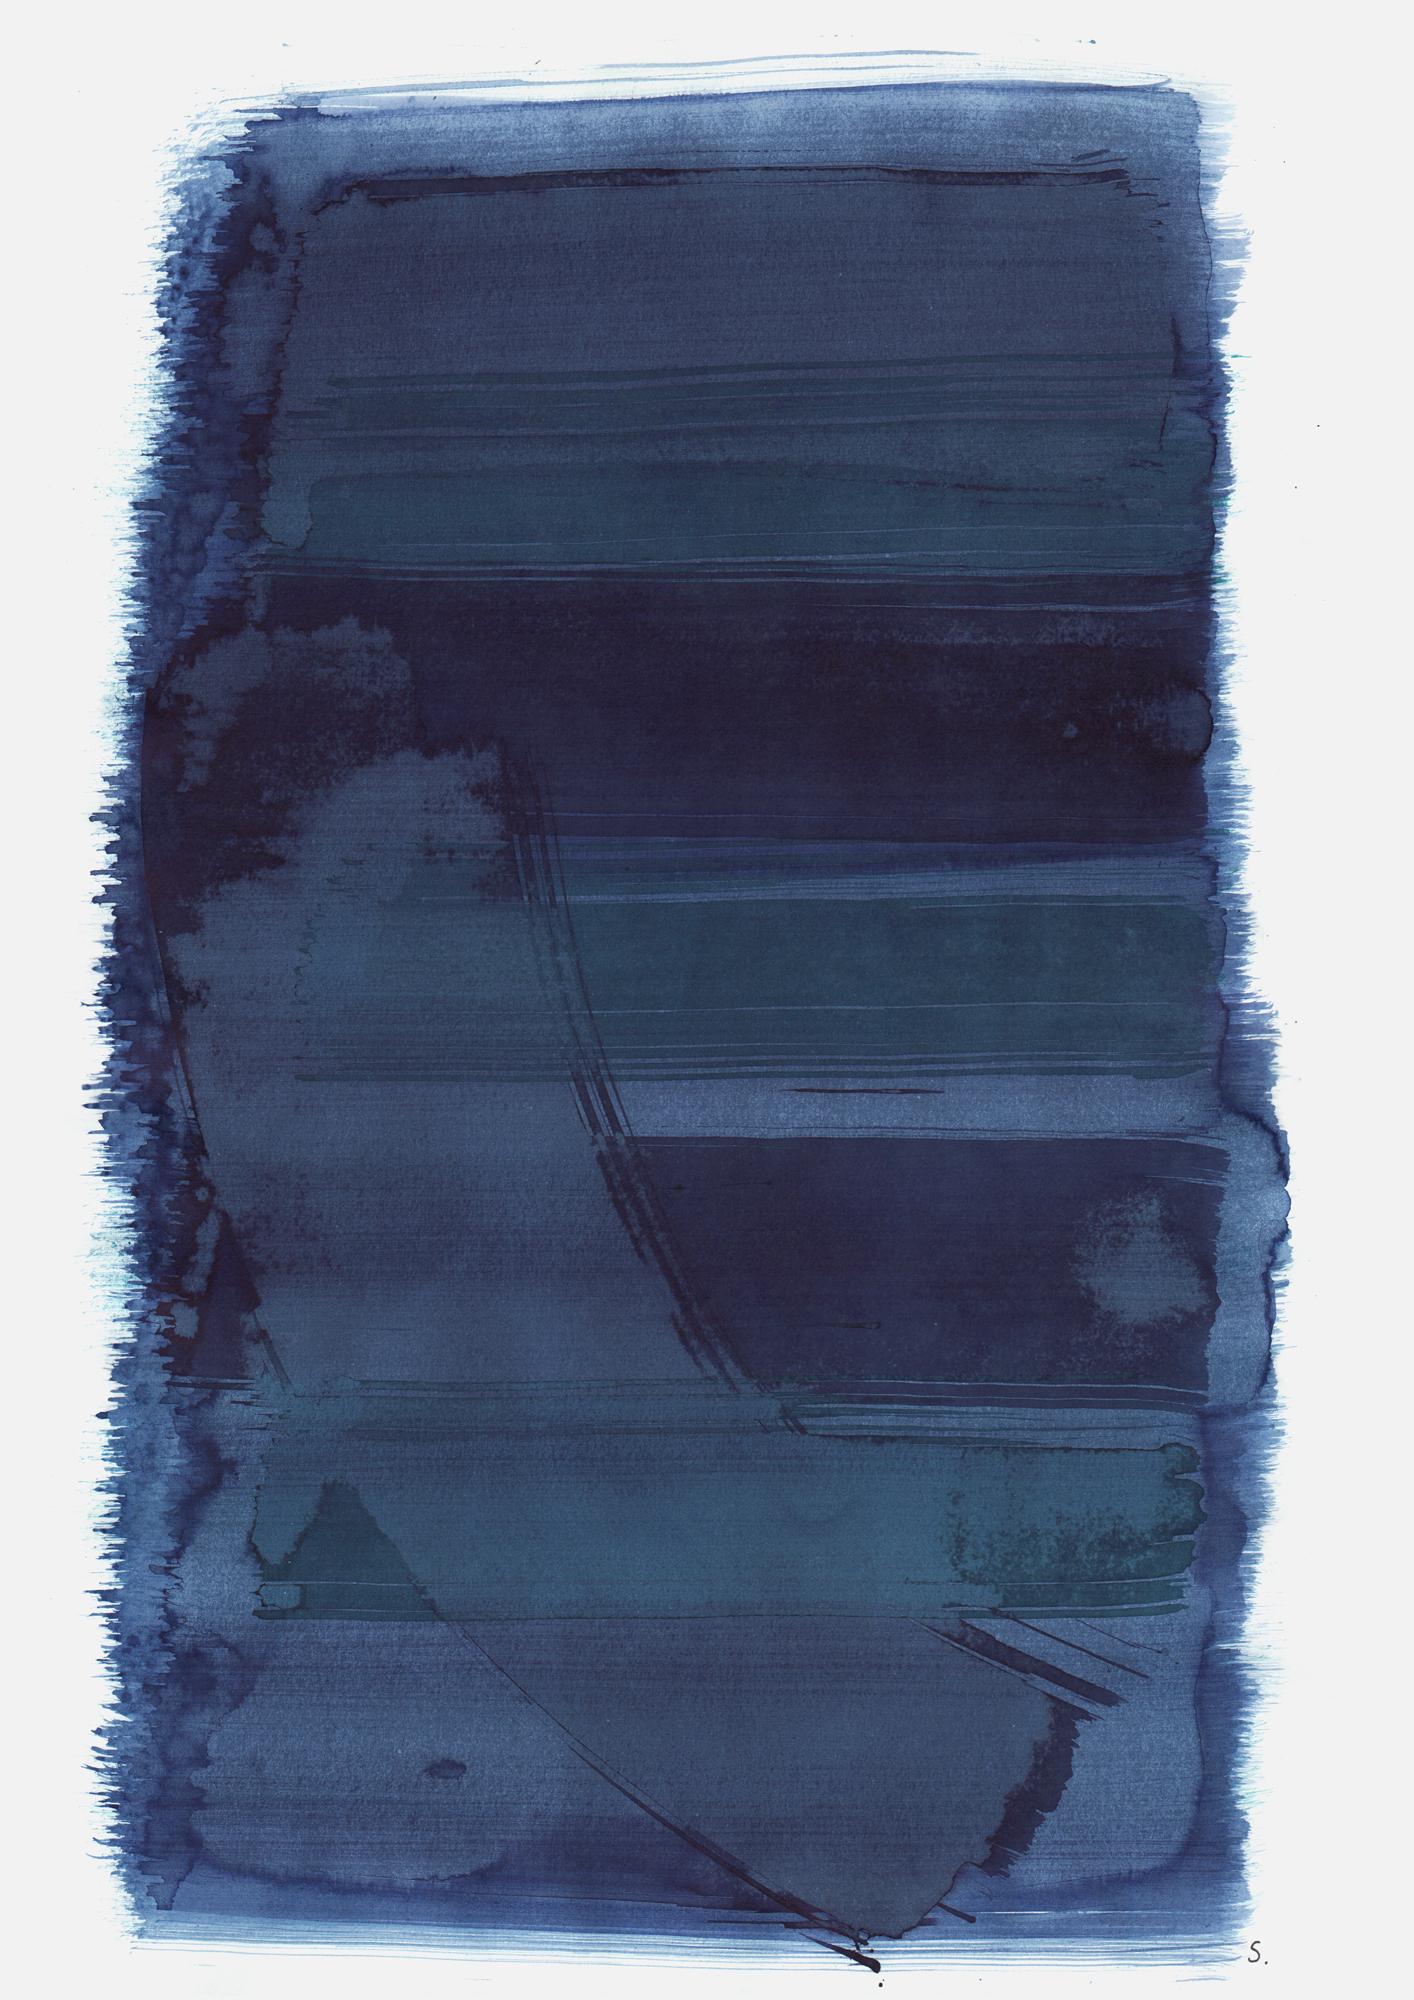 """""""An Denny Herzfeld"""", 2019, Tusche auf Papier, 48 x 36cm; ©: Konstanze Sailer [Herzfeld, Denny; * 01.04.1940 in München; deportiert aus Paderborn; † 02.03.1943 in Auschwitz]"""